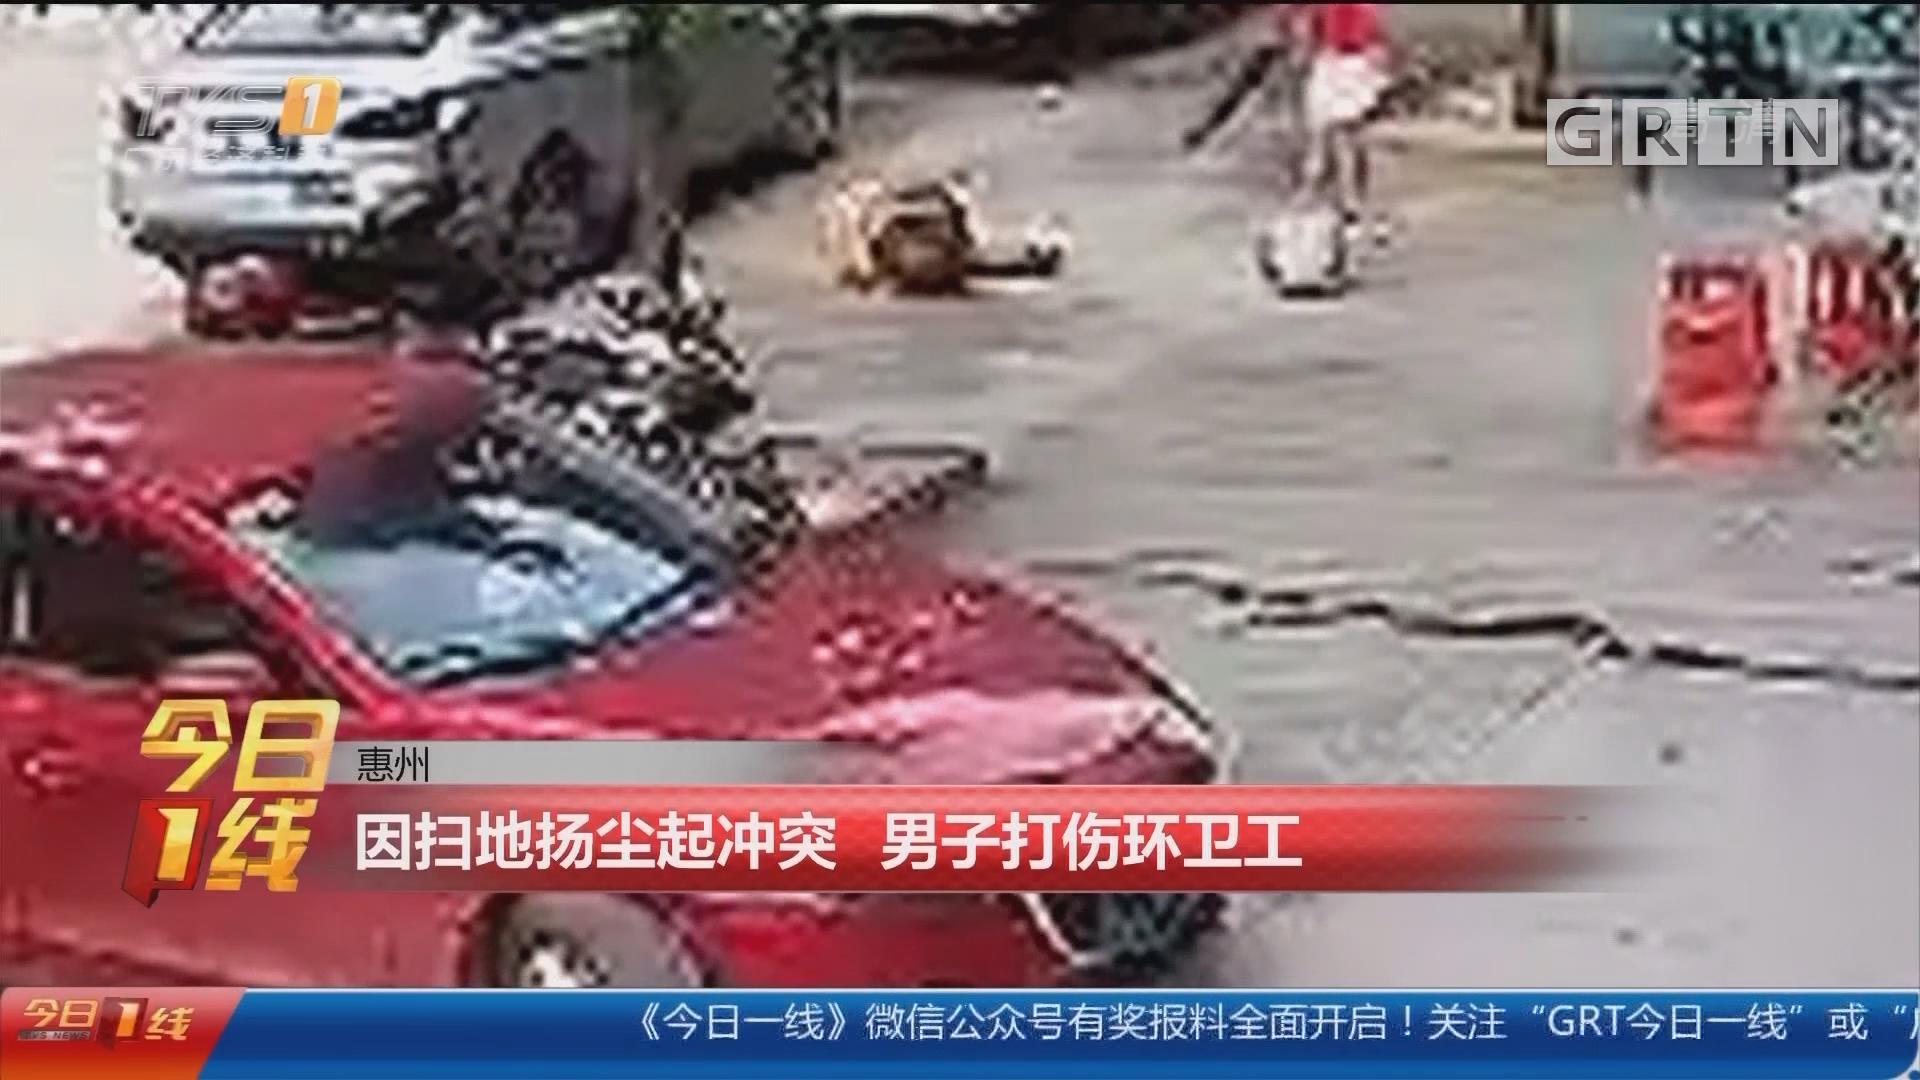 惠州:因扫地扬尘起冲突 男子打伤环卫工